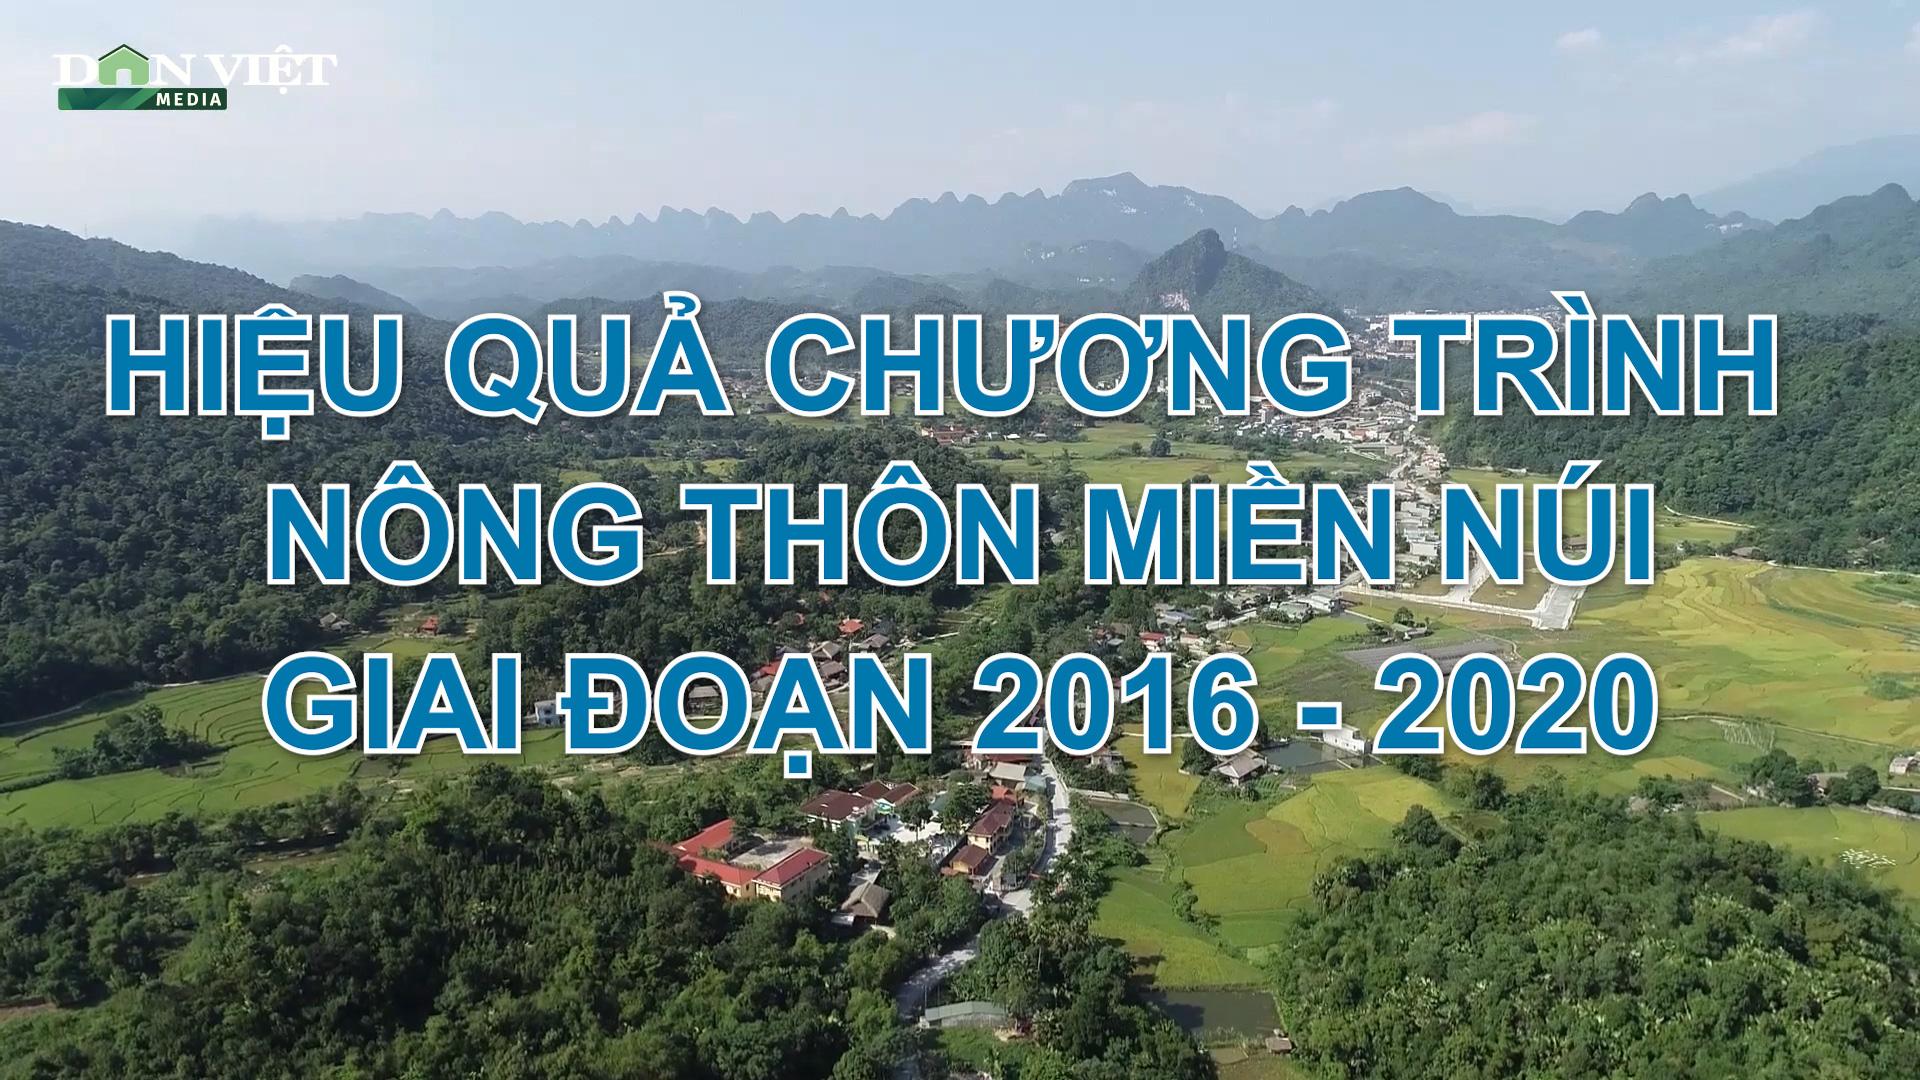 Tọa đàm trực tuyến với chủ đề: Hiệu quả chương trình Nông thôn miền núi giai đoạn 2016-2020 - Ảnh 2.